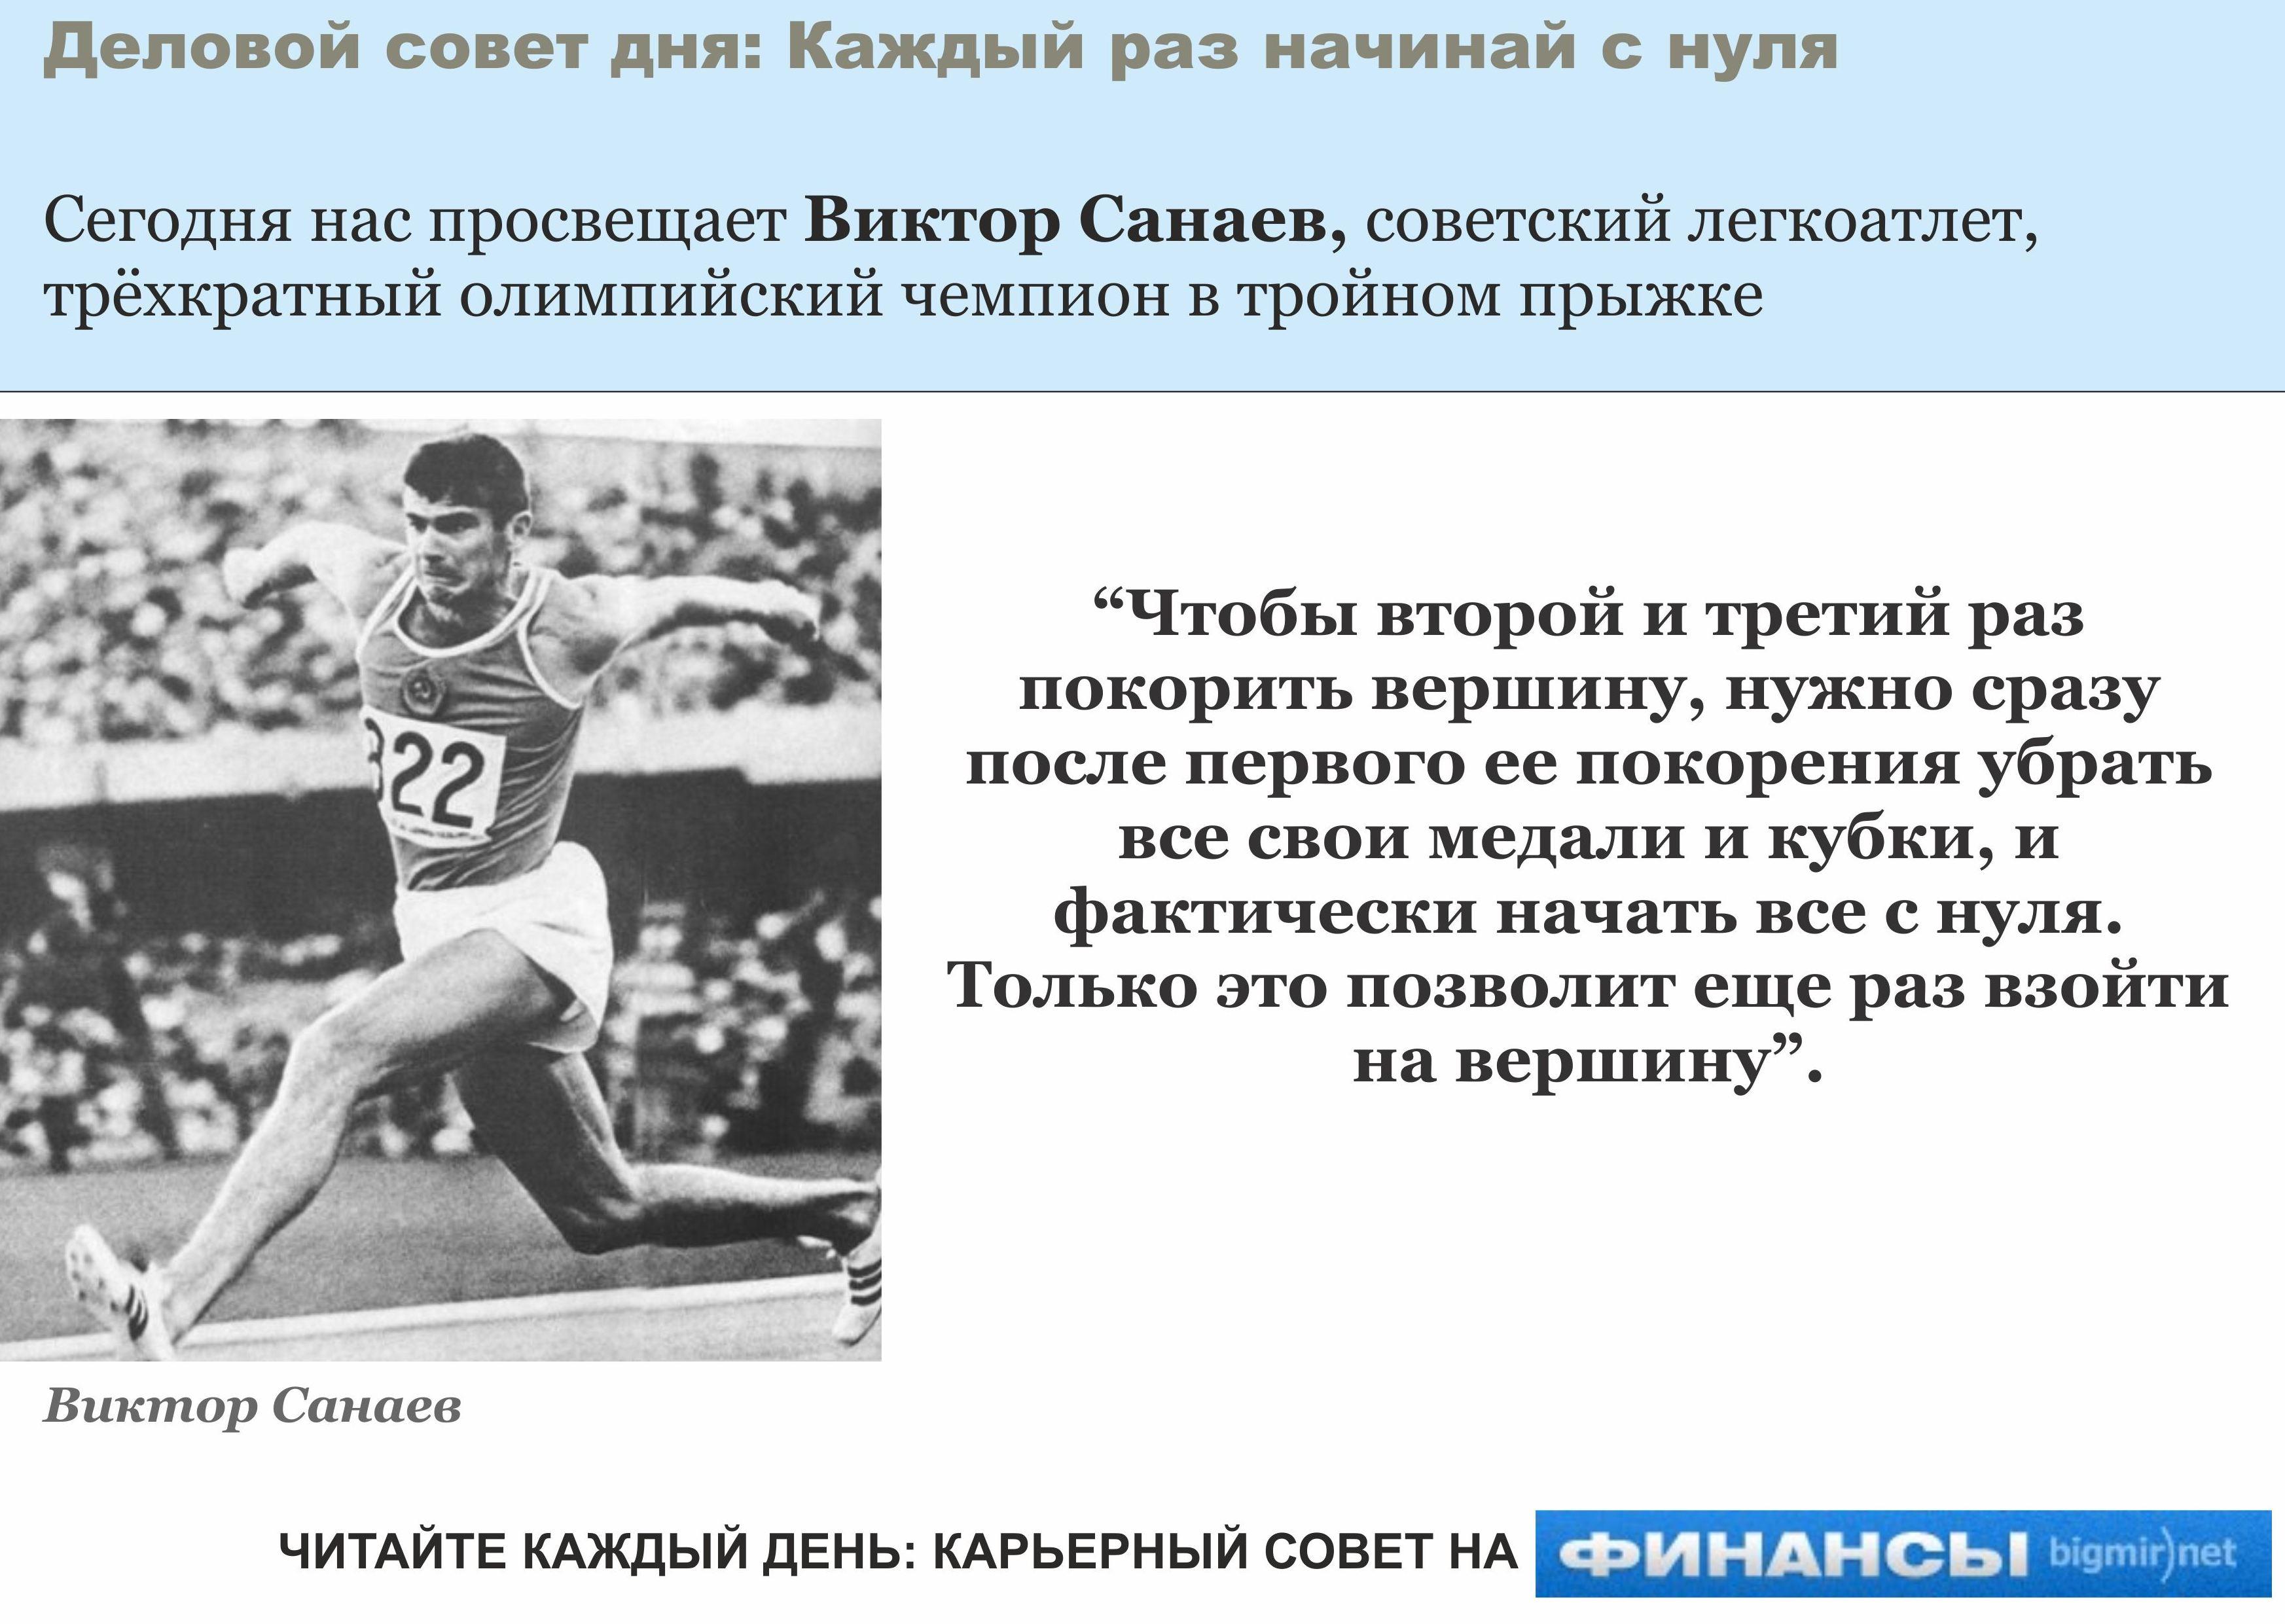 Прыжок к успеху в стиле легкоатлета Виктора Санаева